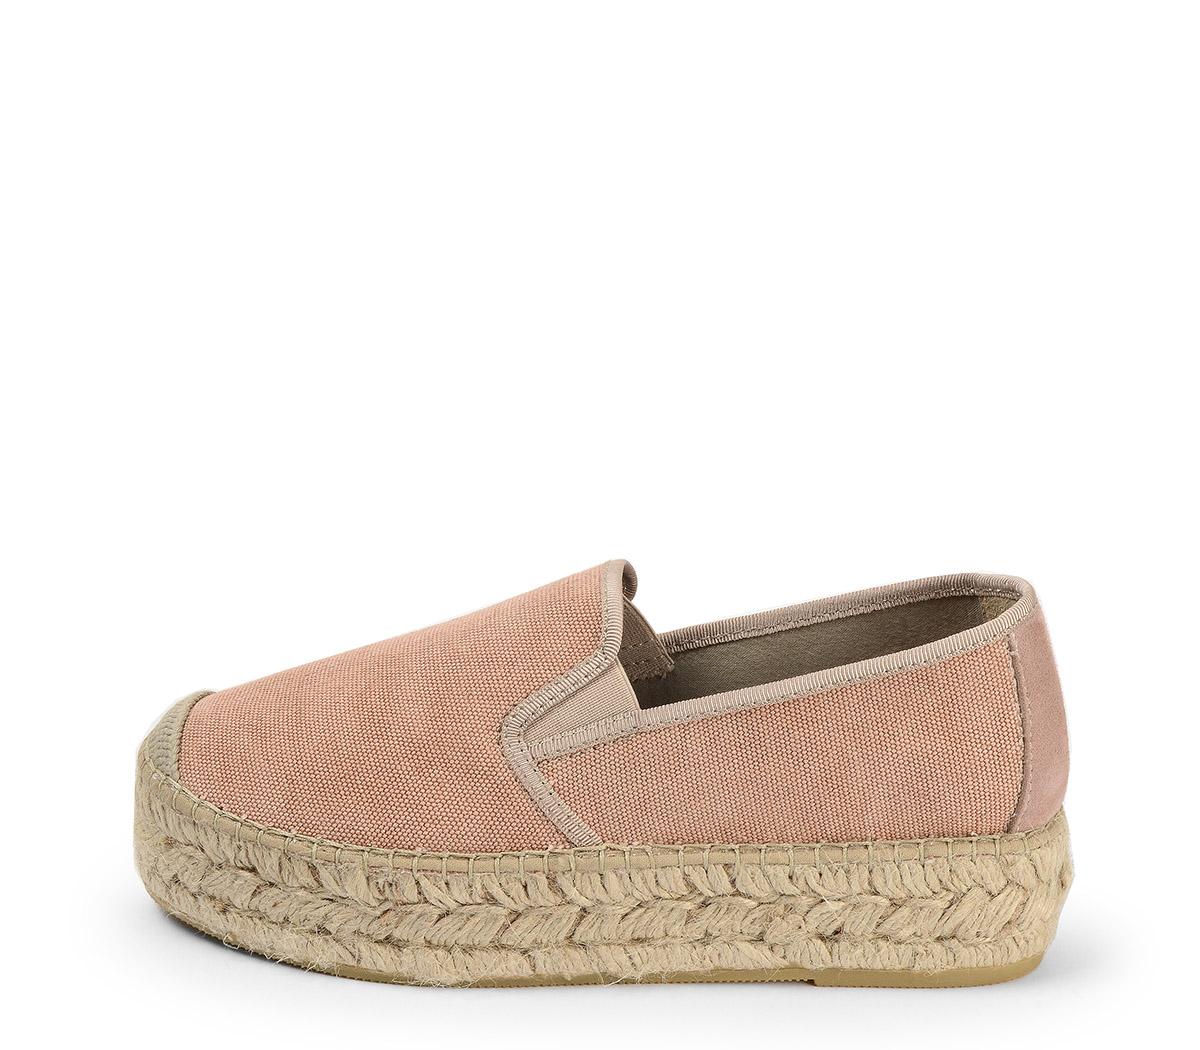 Ref. 3820 Zapato tela rosa con plataforma de esparto de 4 cm.